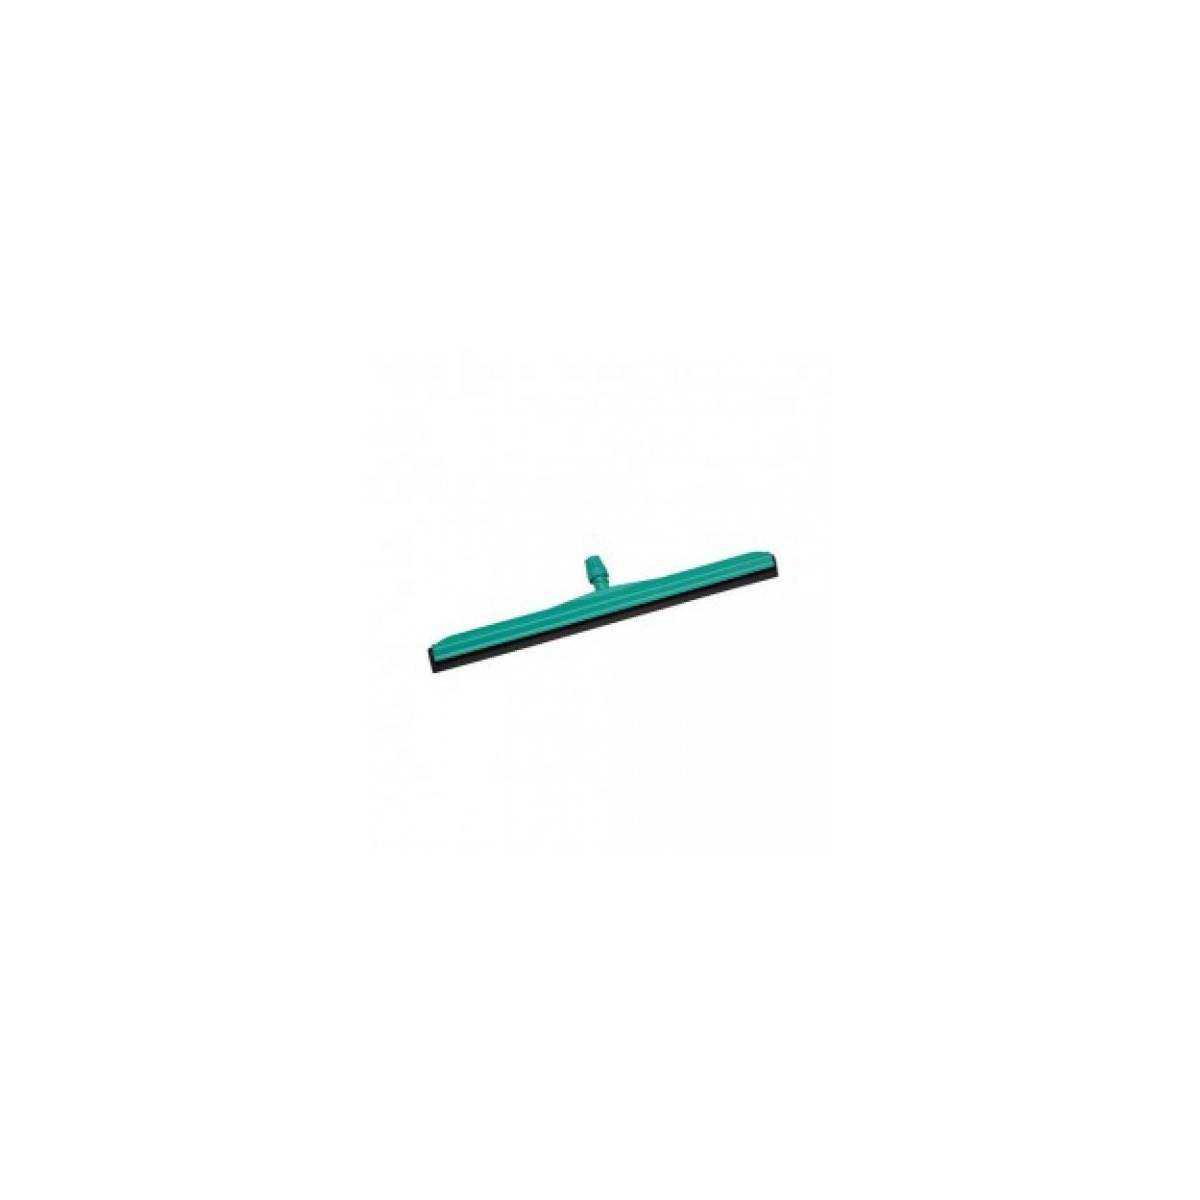 Скребок для сгона воды с пола полипропиленовый 55см (Зеленого цвета) 8632 TTS